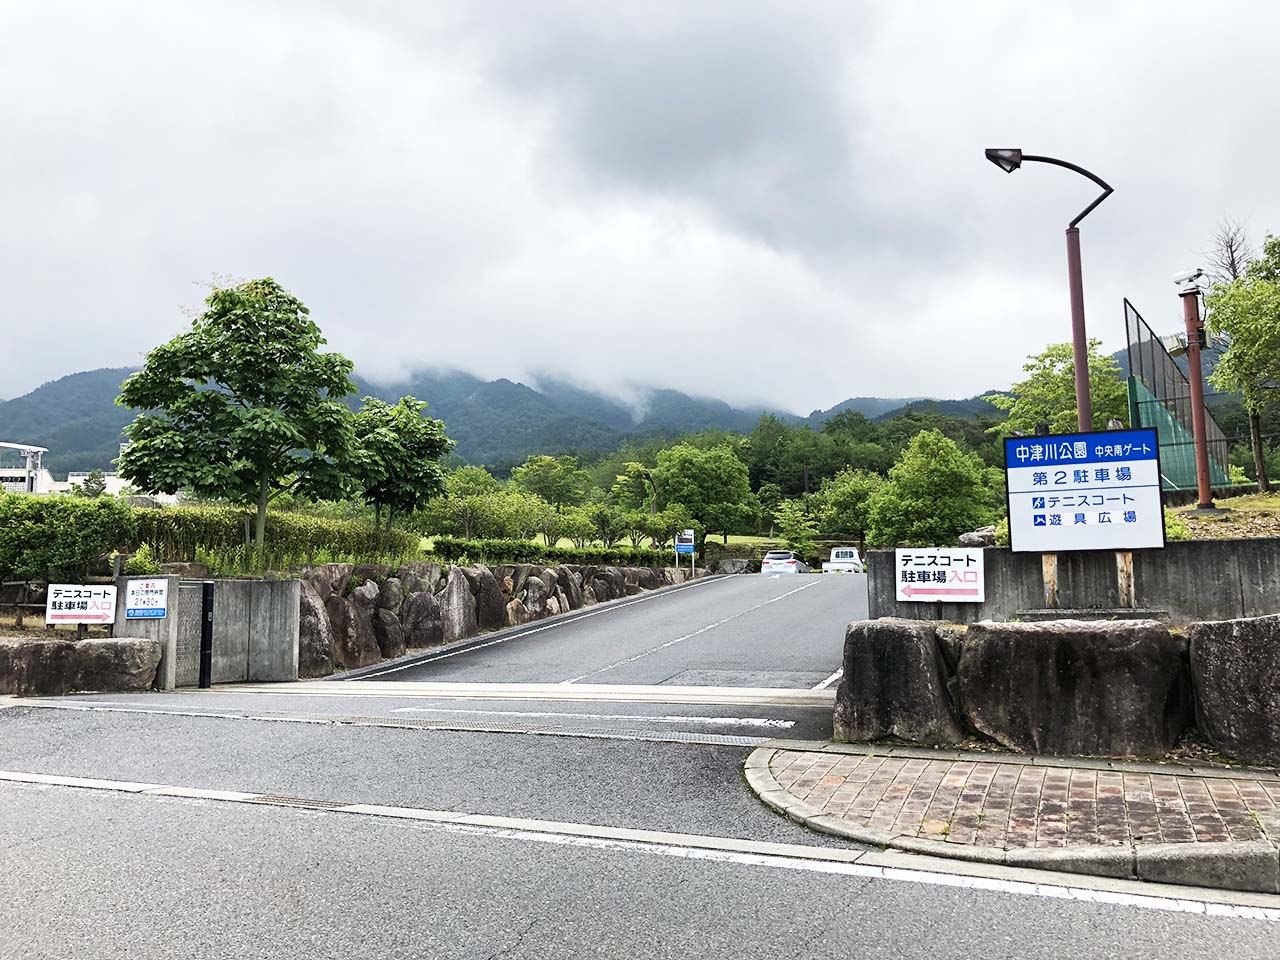 中津川公園の第2駐車場の入り口